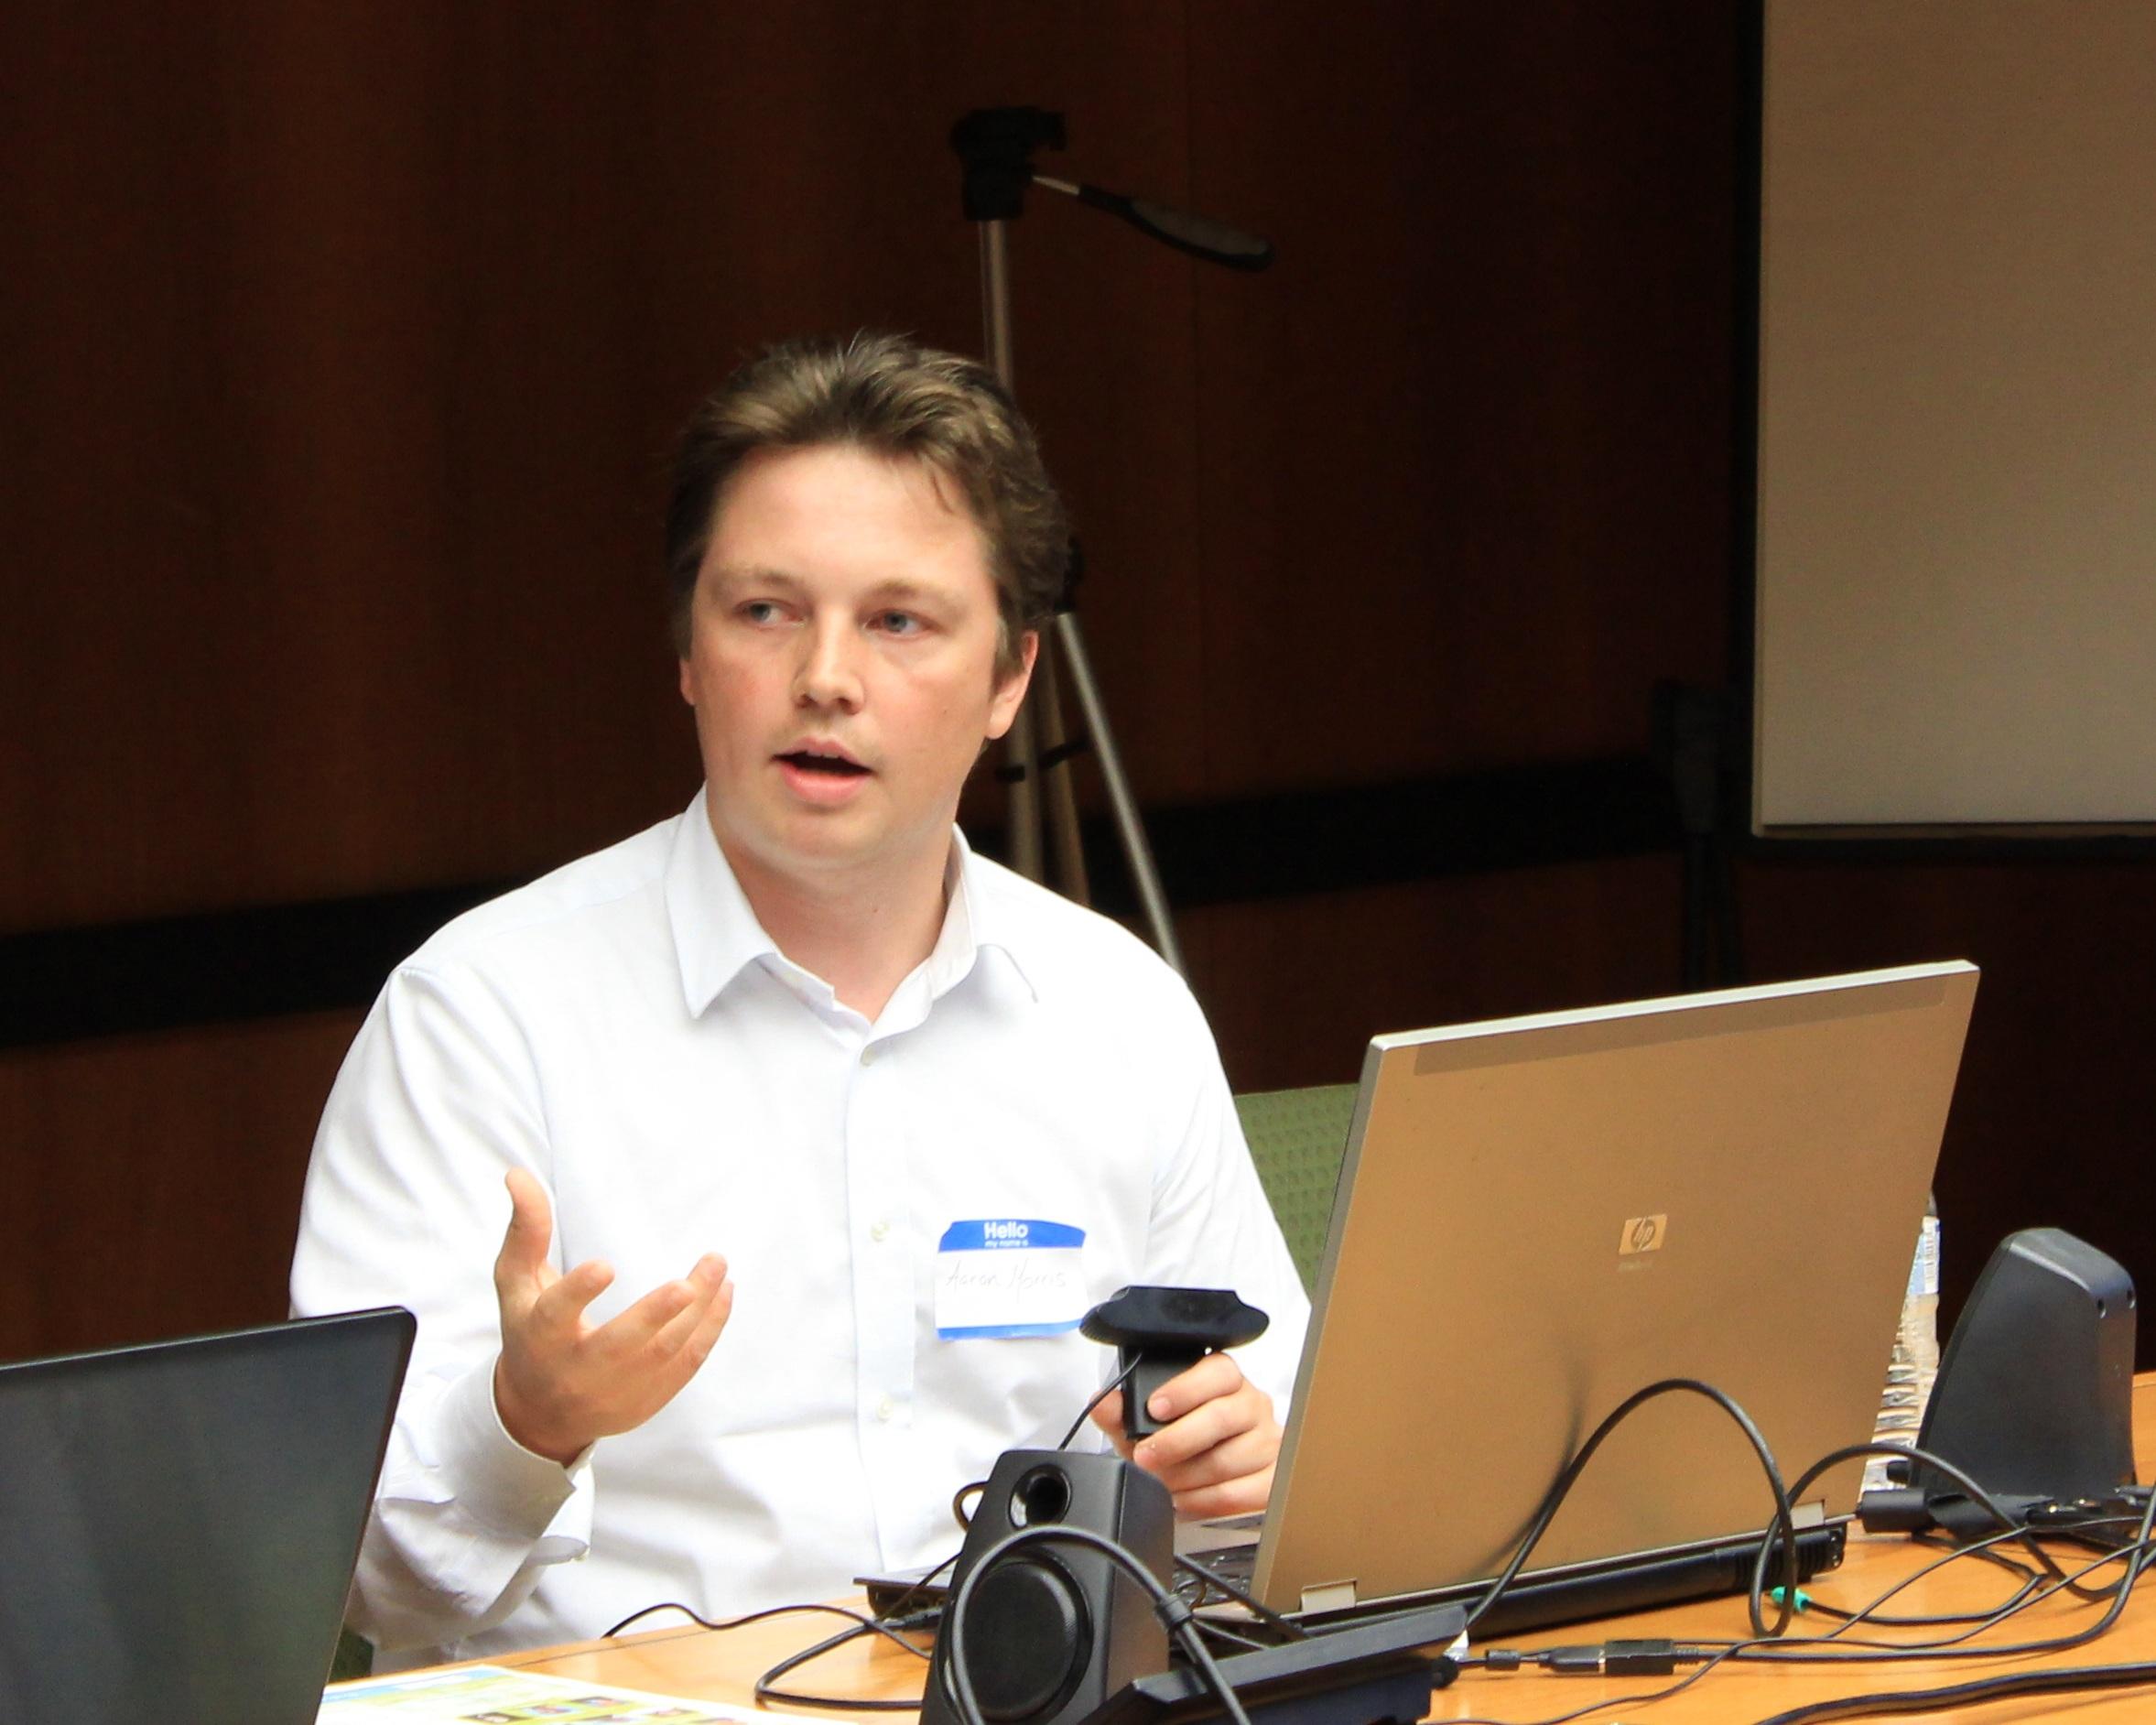 Dr. Aaron Morris (AutoDesk)